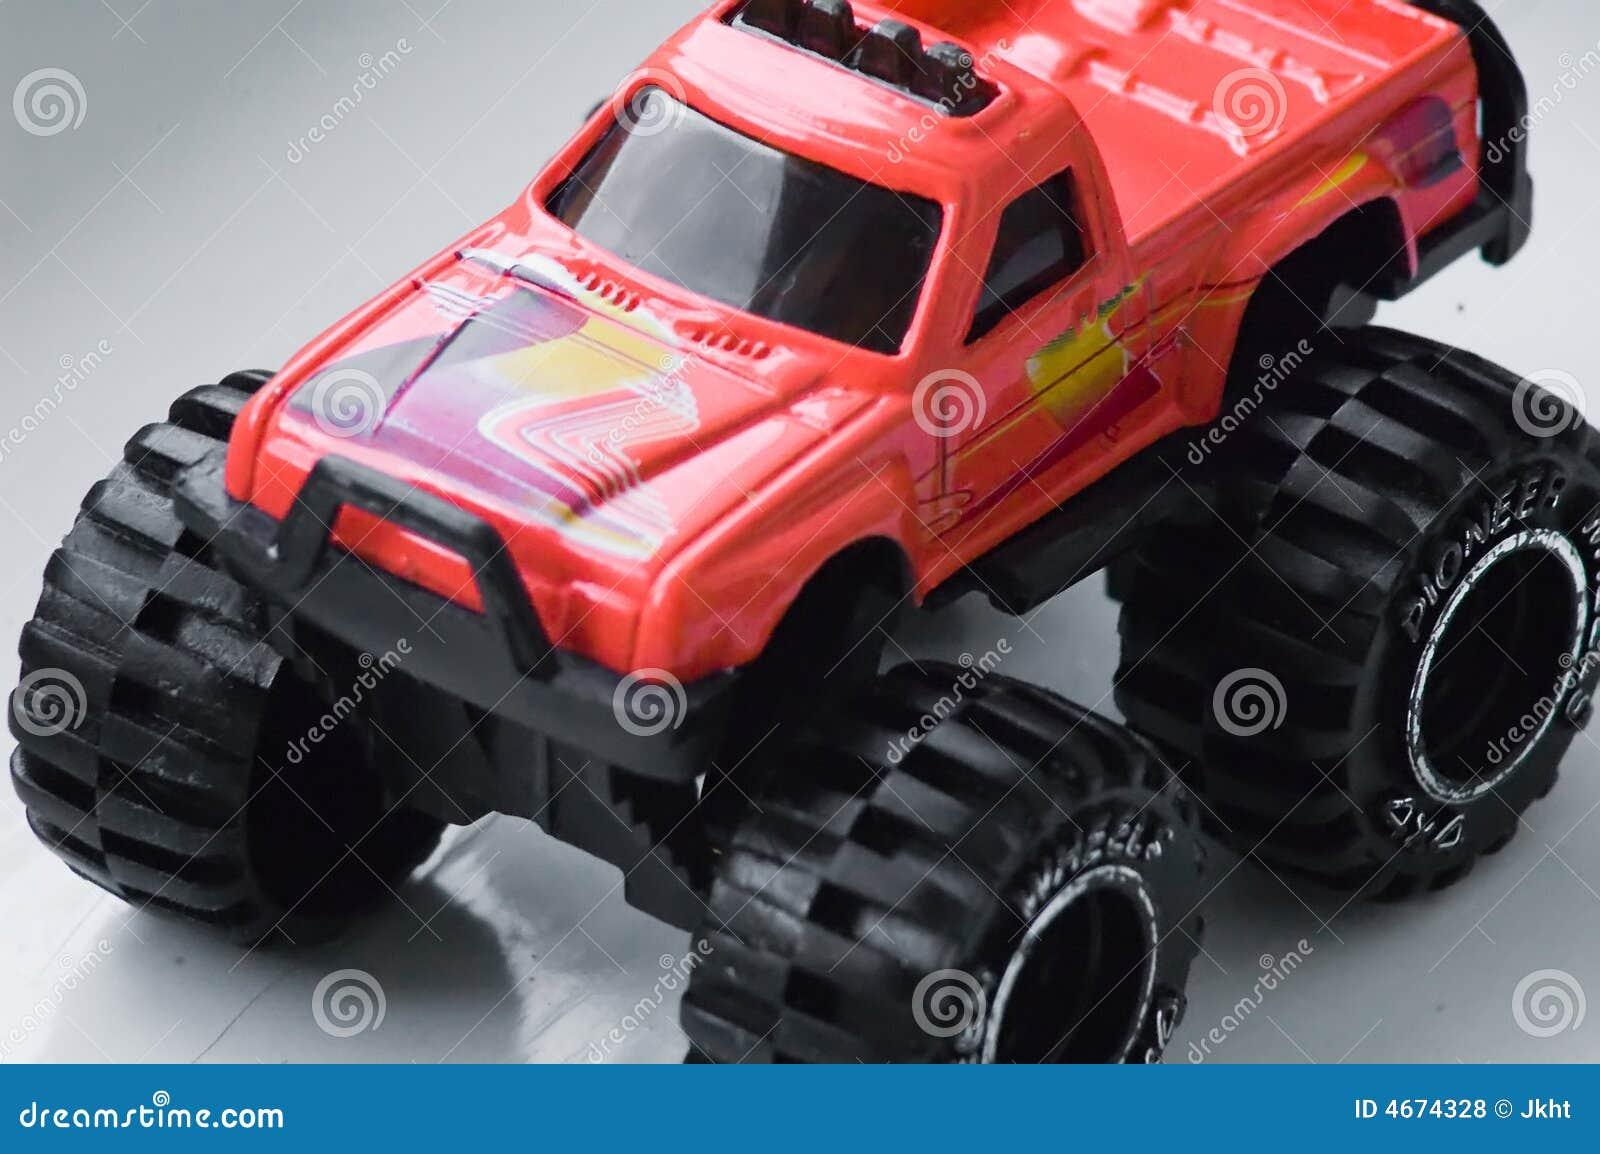 Juguete Rojo Del Carro De Monstruo Foto De Archivo Imagen De Juego